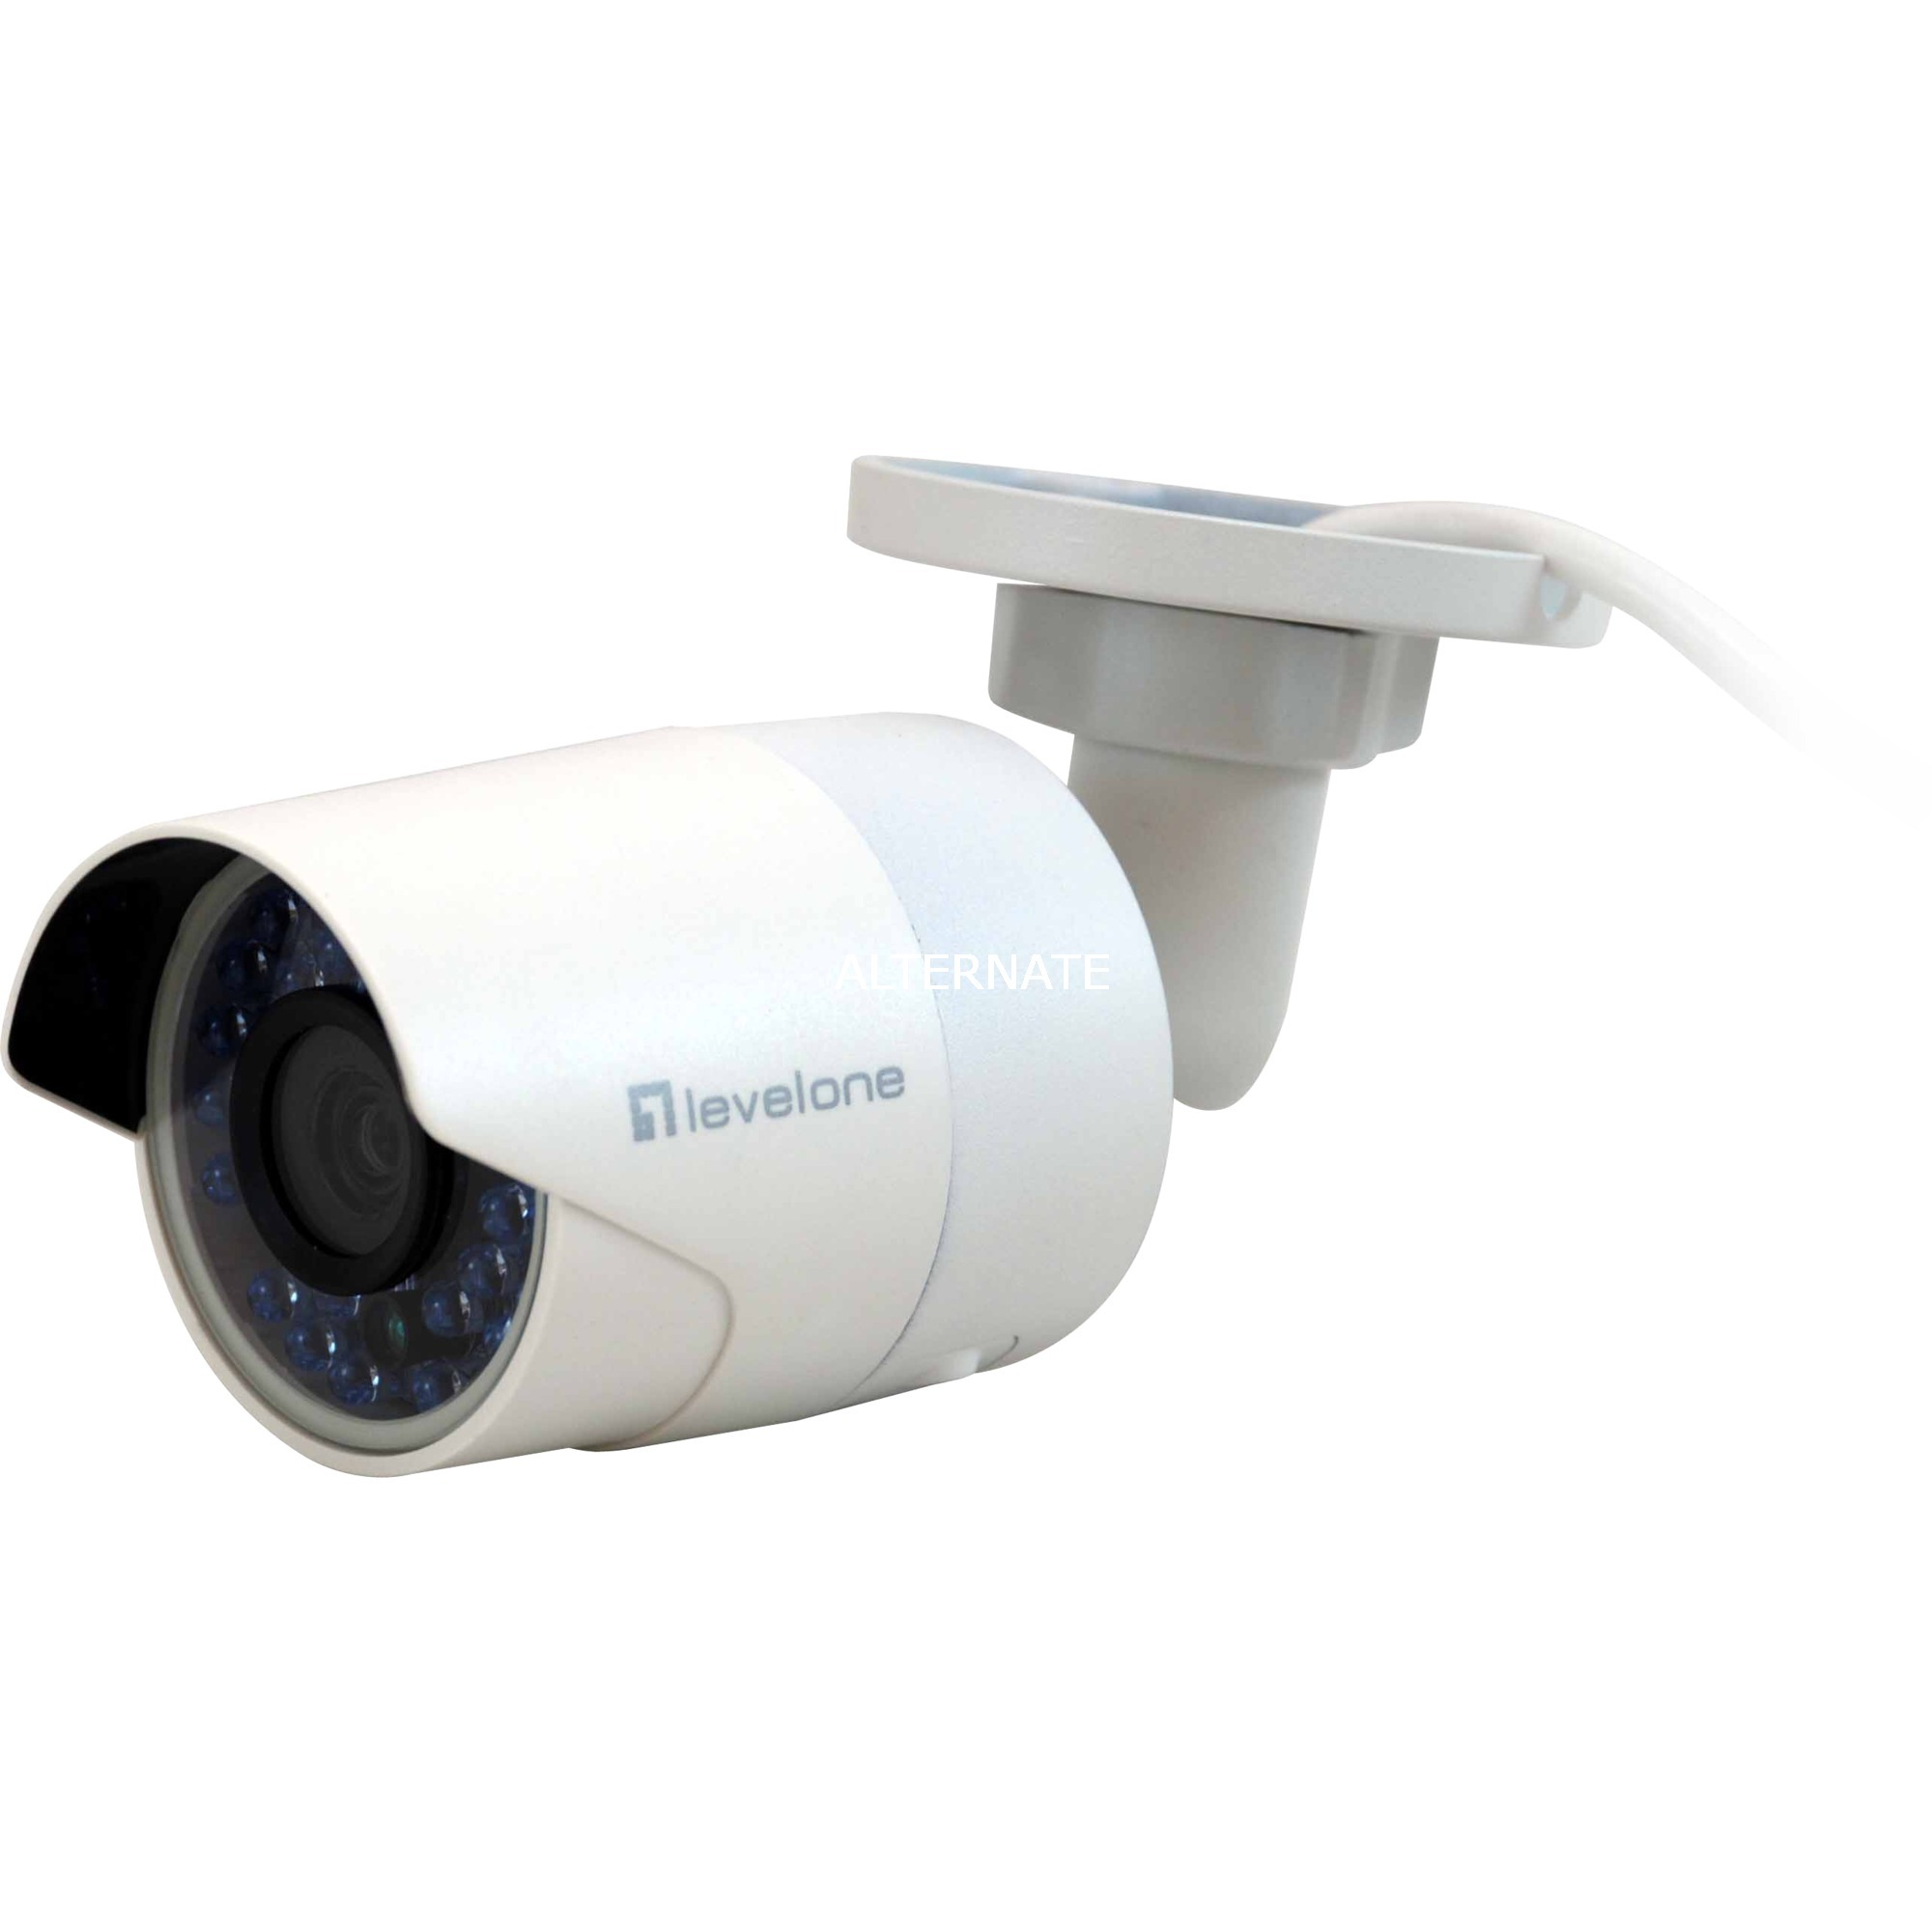 FCS-5058 cámara de vigilancia Cámara de seguridad IP Interior y exterior Bala Blanco 1920 x 1080 Pixeles, Cámara de red